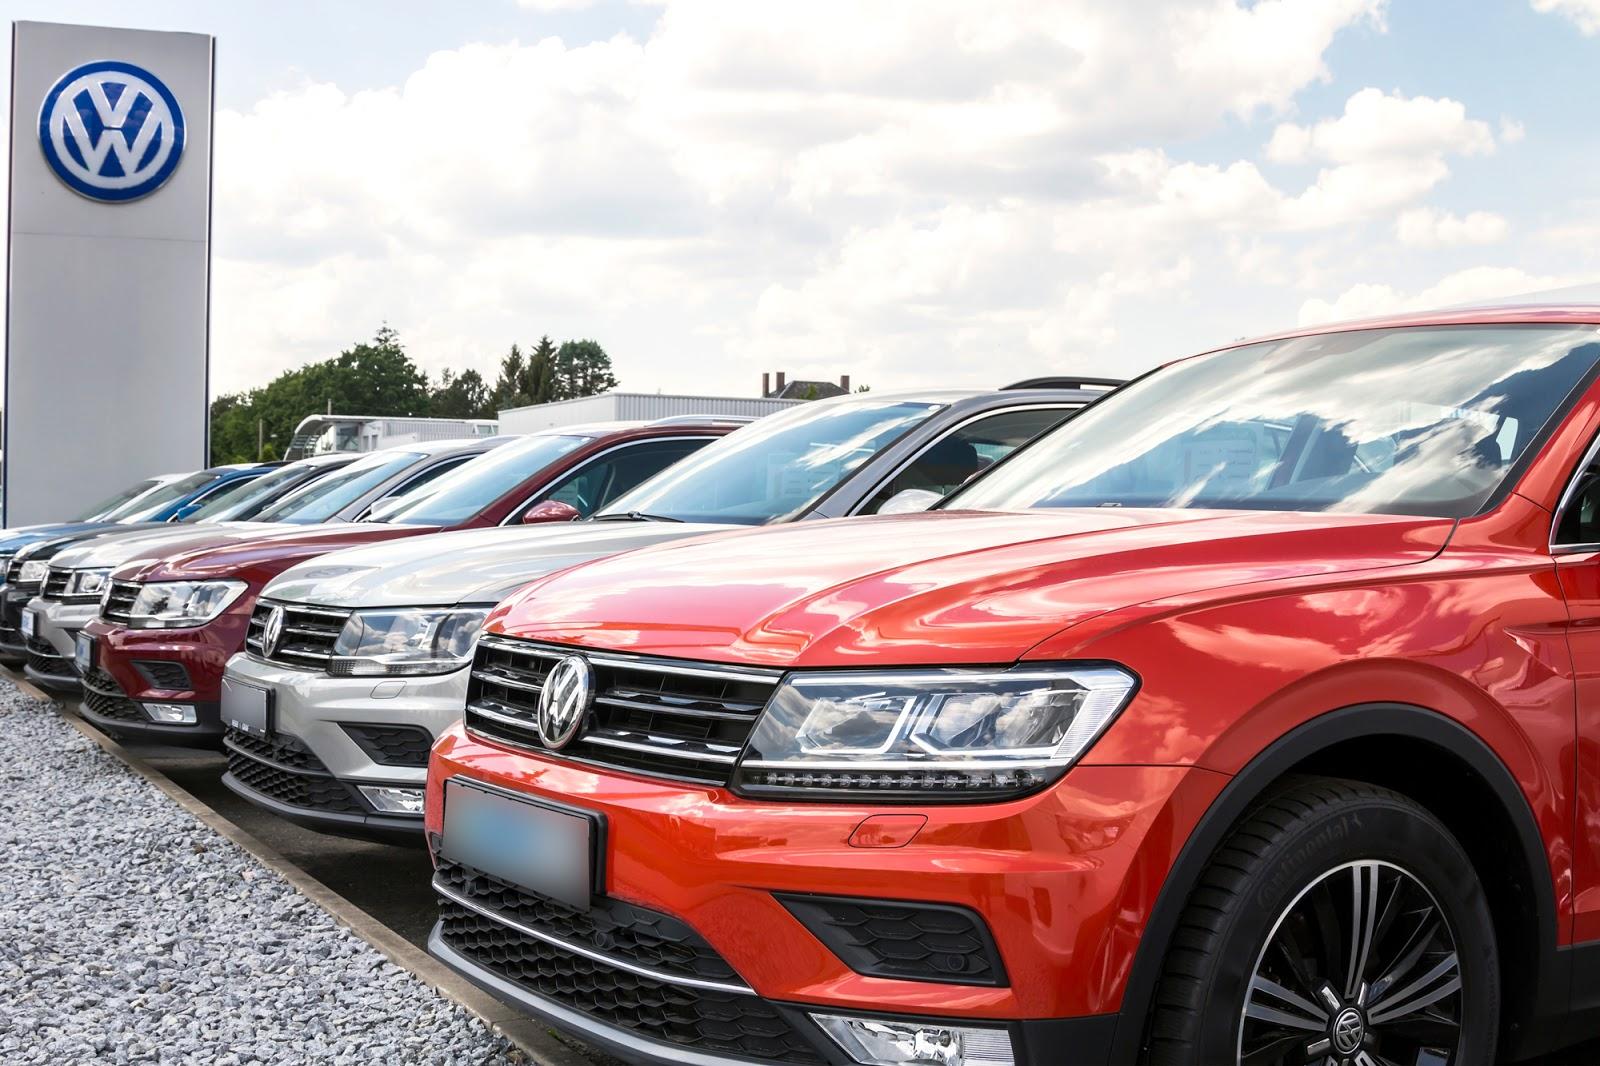 Waghalsige Kamikaze-Aktion, die Leben gefährdet: VW verkauft 9 Millionen Autos